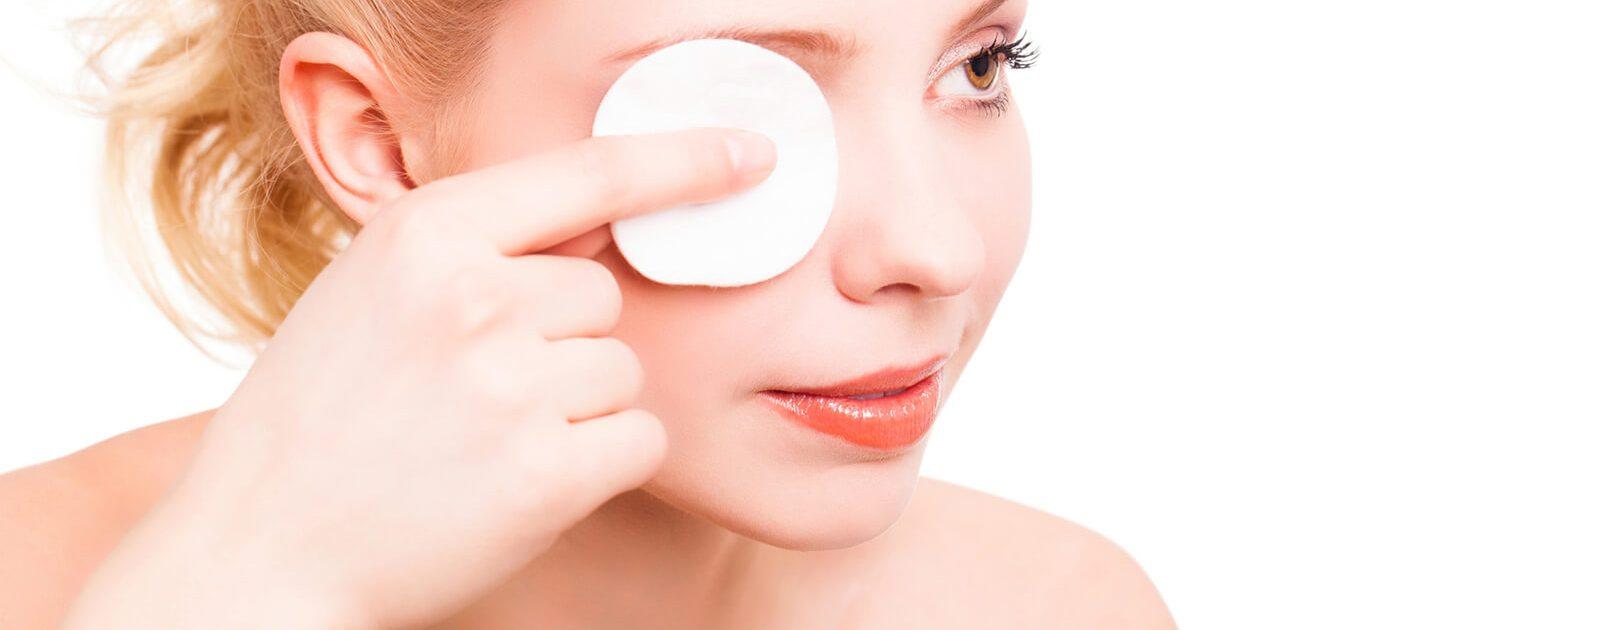 Gründliches Abschminken kann gegen tränende Augen helfen.